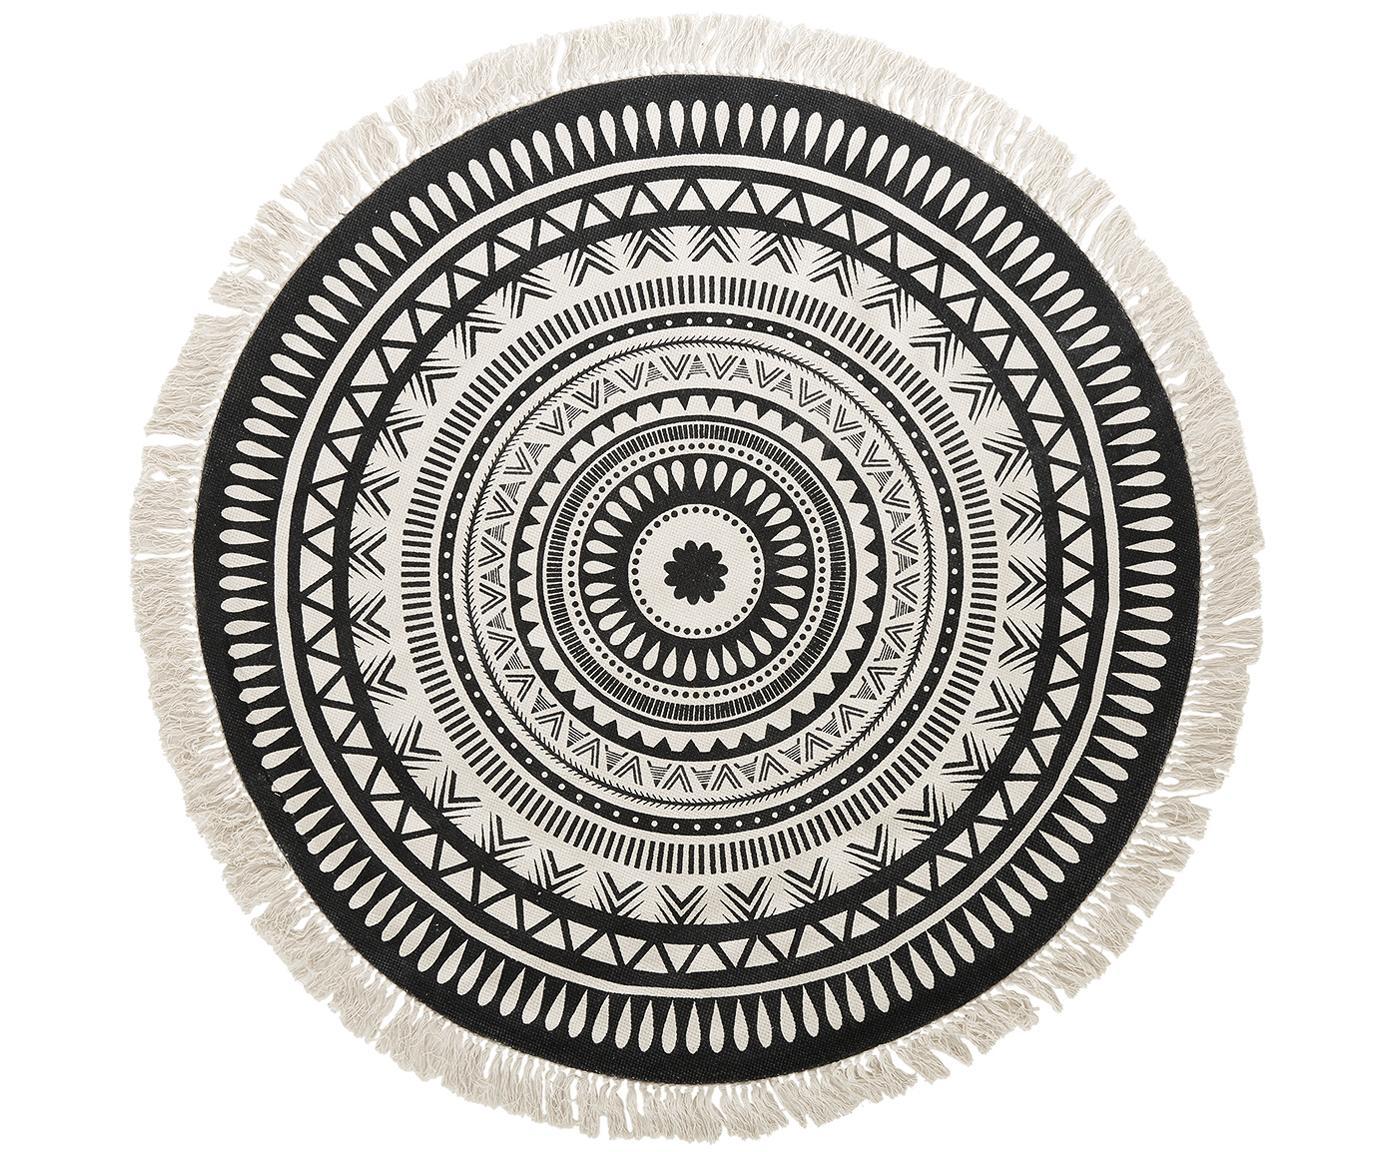 Tappeto rotondo in cotone tessuto a mano Benji, Nero, beige, Ø 150 cm (taglia M)